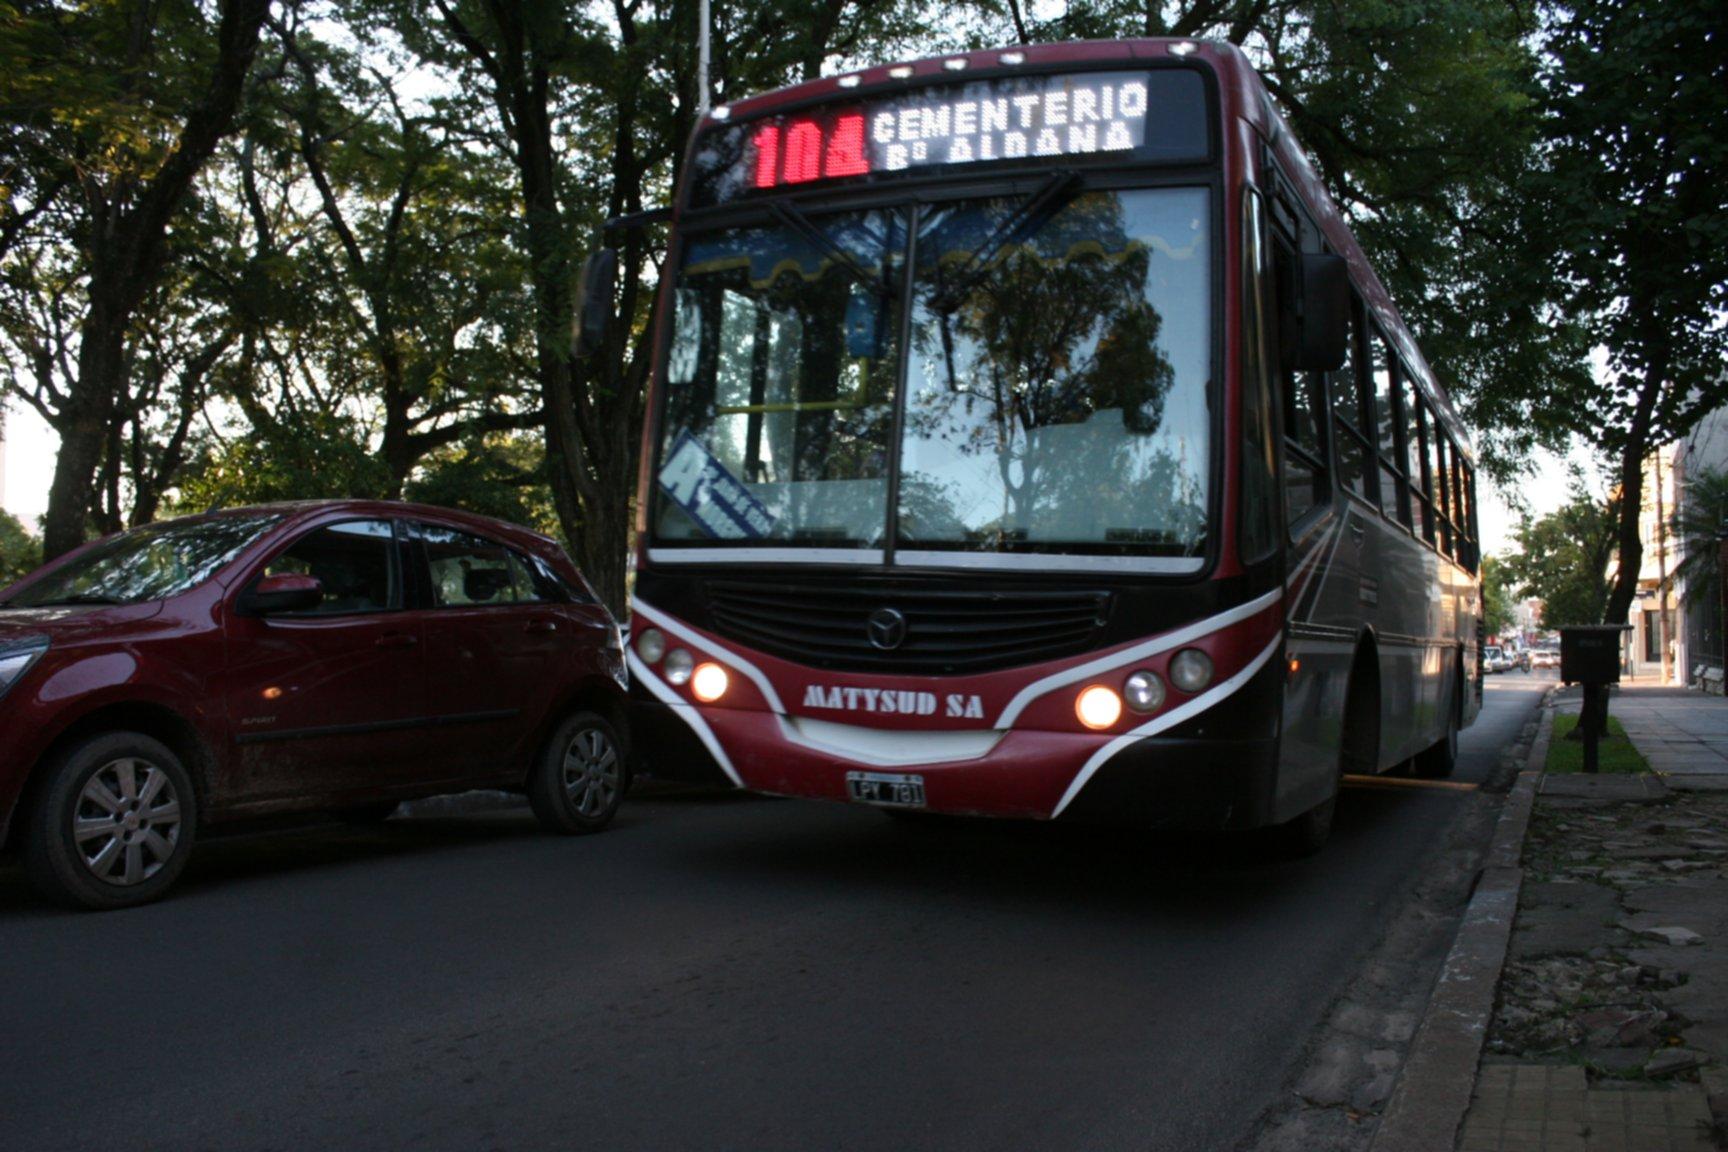 <p>Colectivos. Organización local buscará generar beneficios para los usuarios del servicio de transporte.</p>